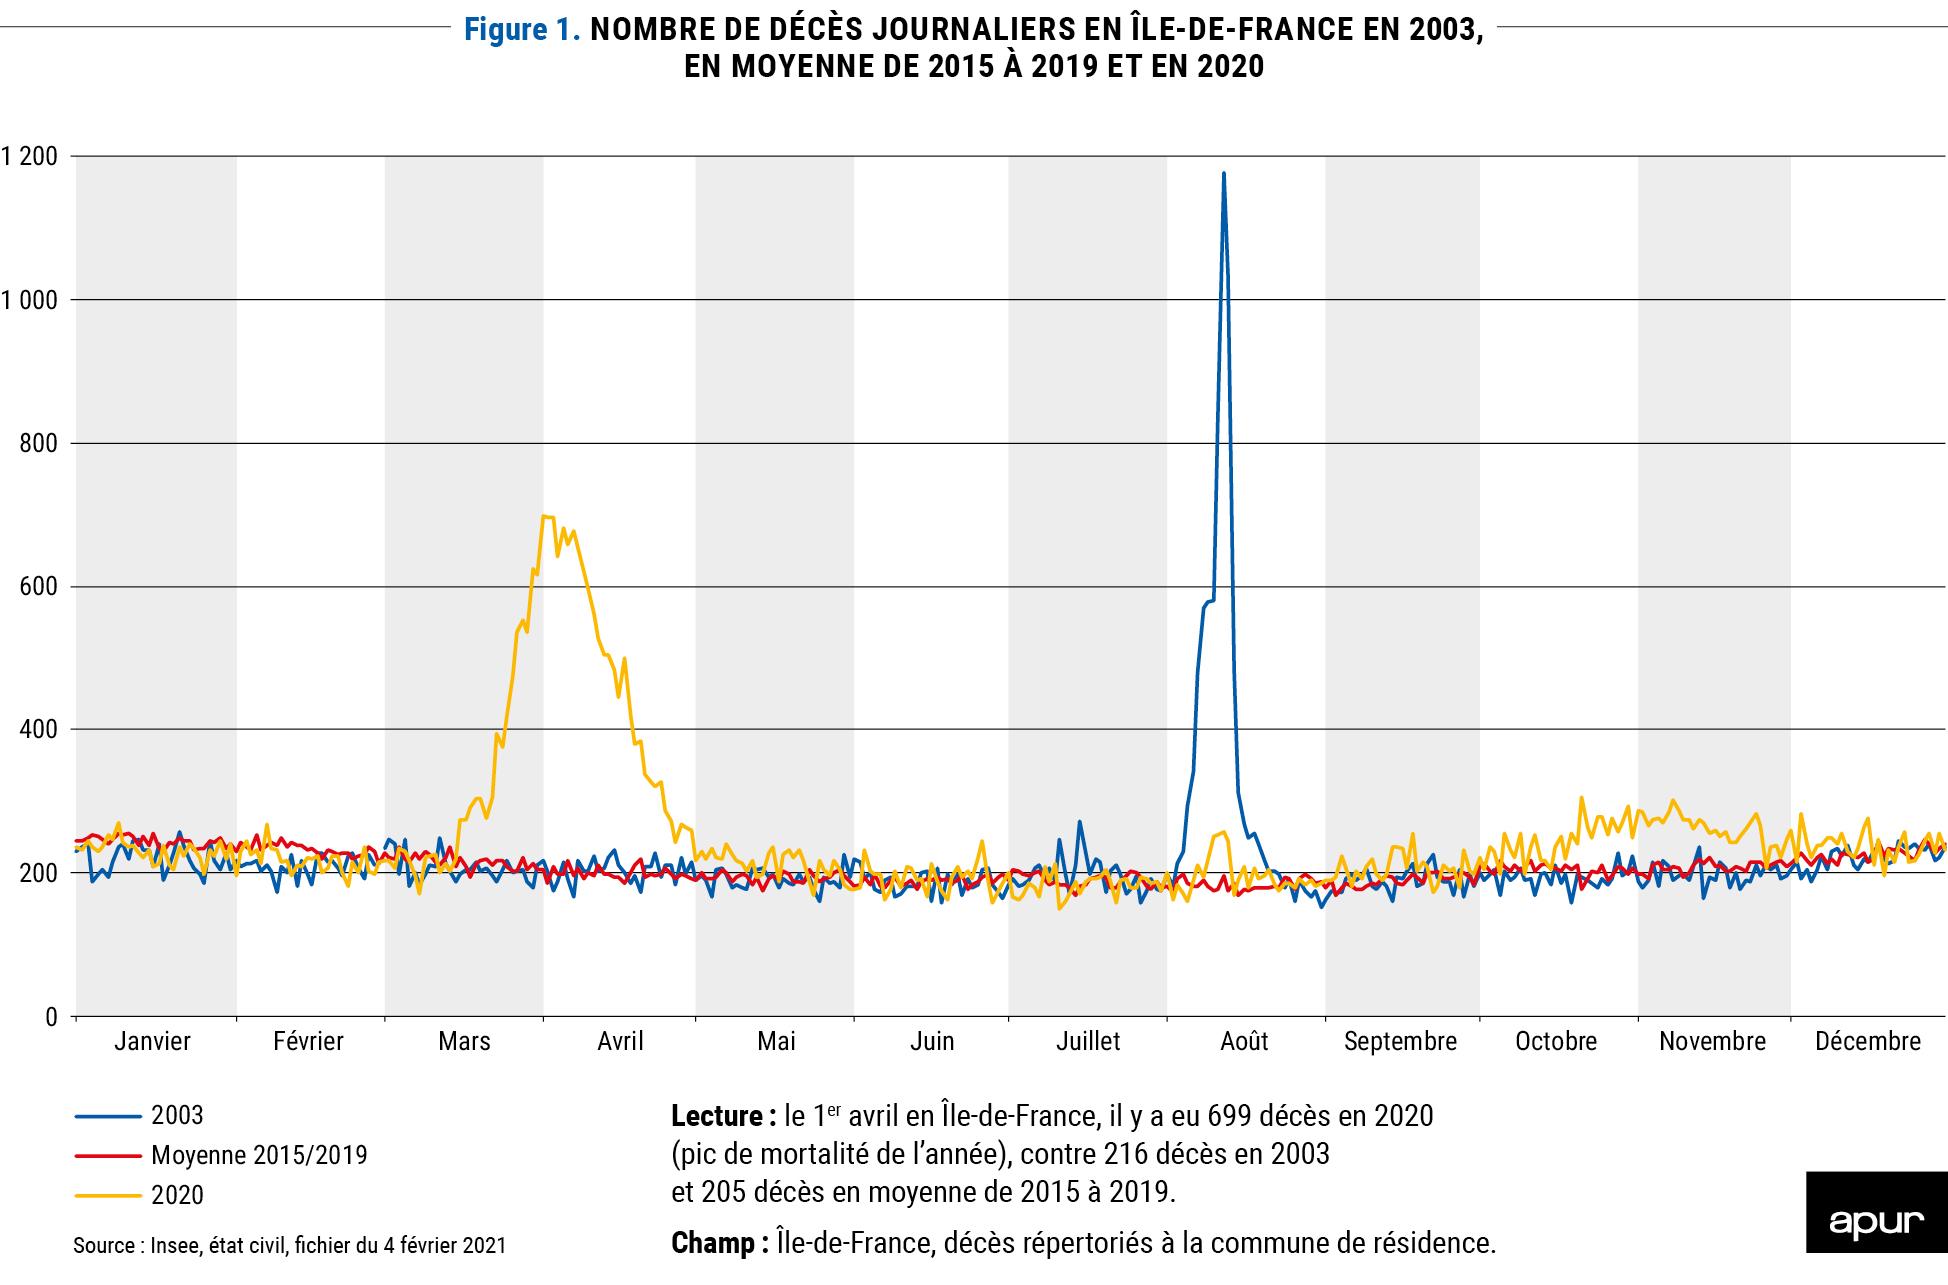 Figure 1 : nombre de décès journaliers en Ile-de-France, en moyenne de 2015 à 2010 et en 2020  © Apur